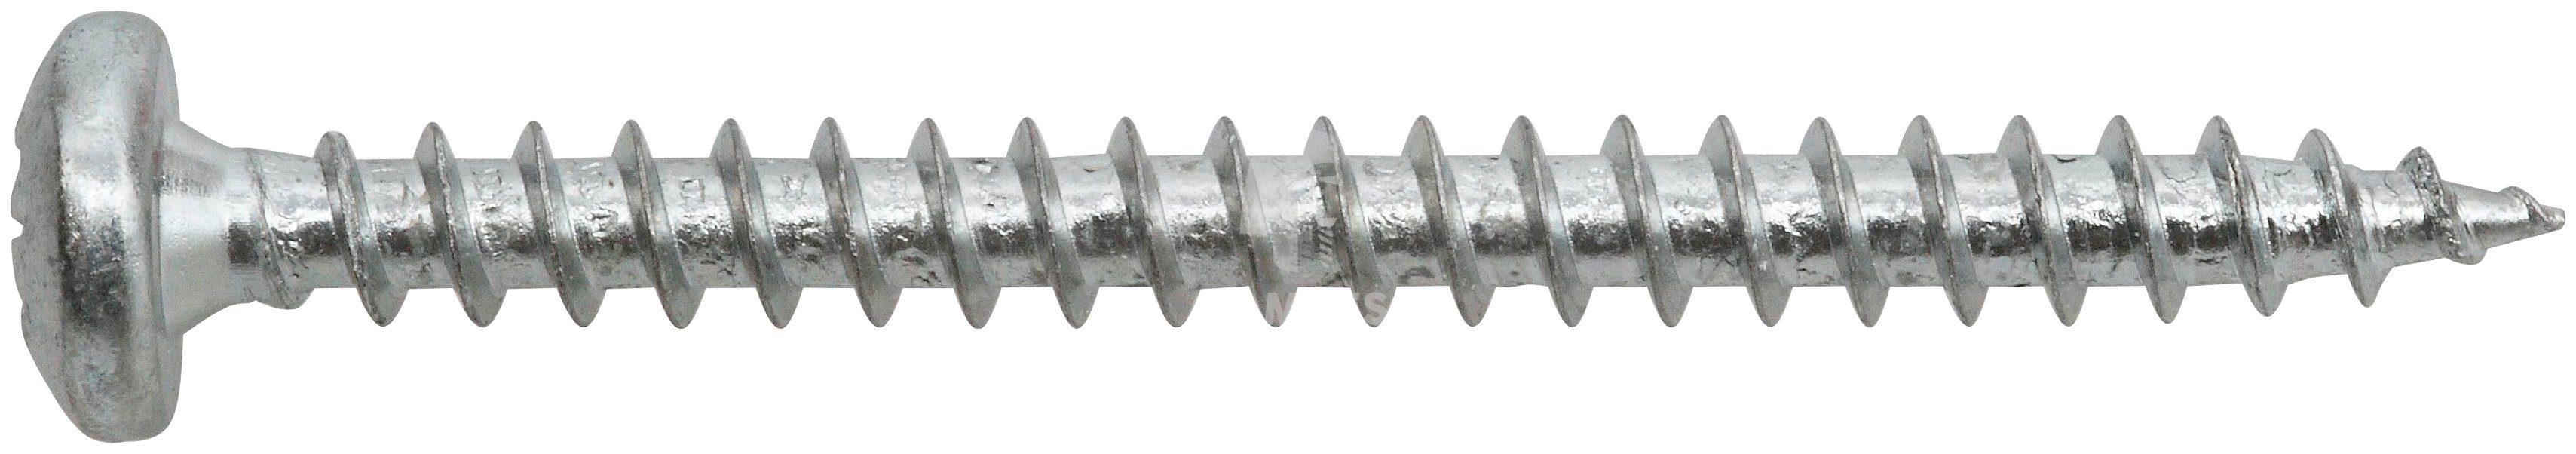 RAMSES Schrauben , Spanplattenschraube 5 x 70 mm PZ2 50 Stk.